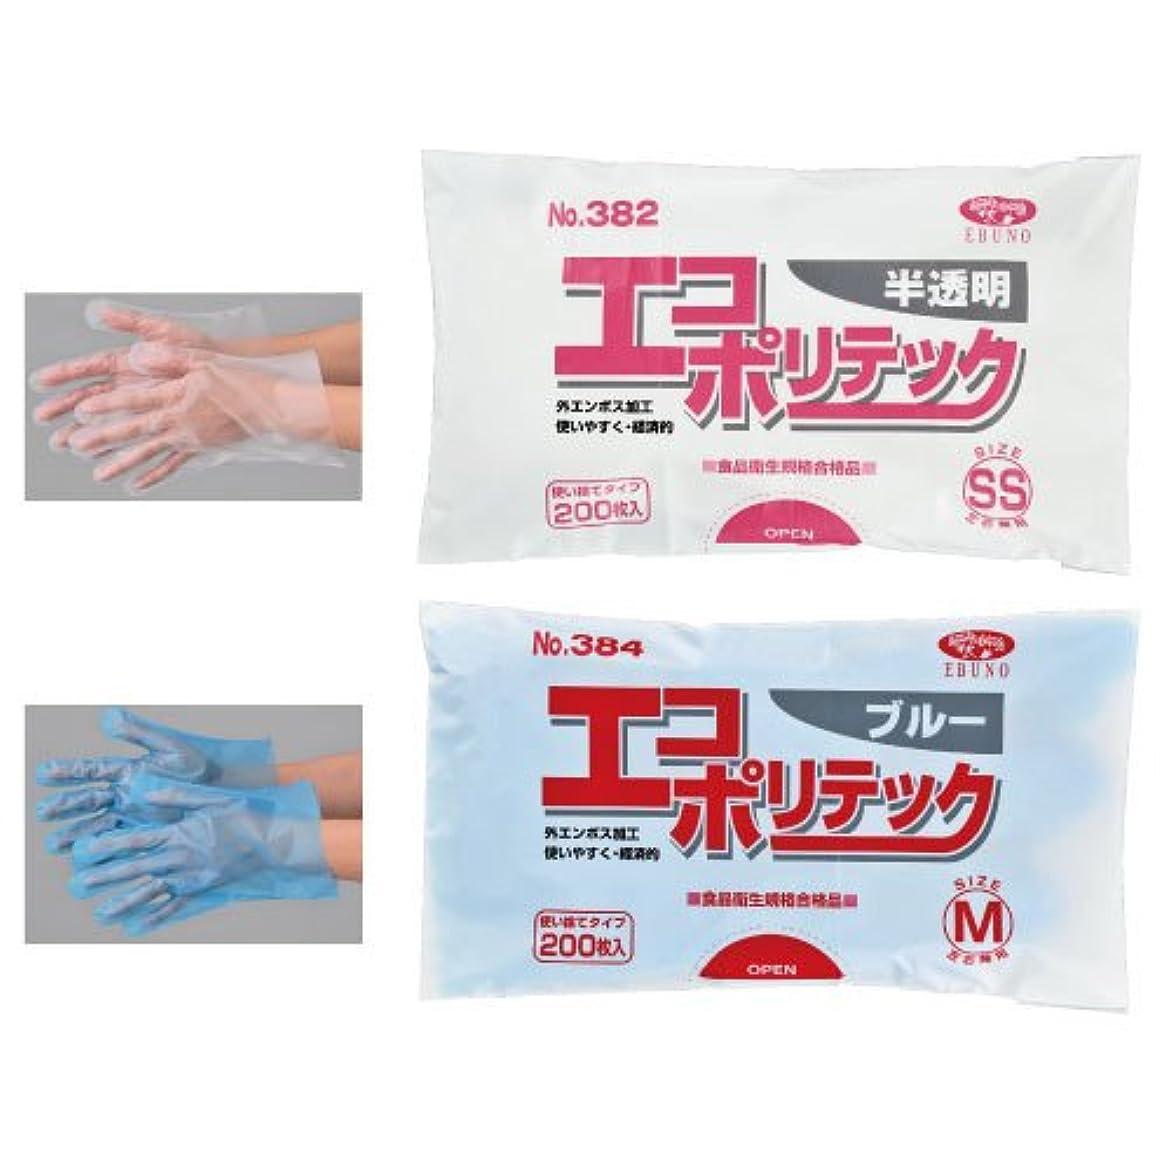 活性化ずらすケージエブノ ポリエチレン手袋 No.382 SS 半透明 (200枚×30袋) エコポリテック 袋入